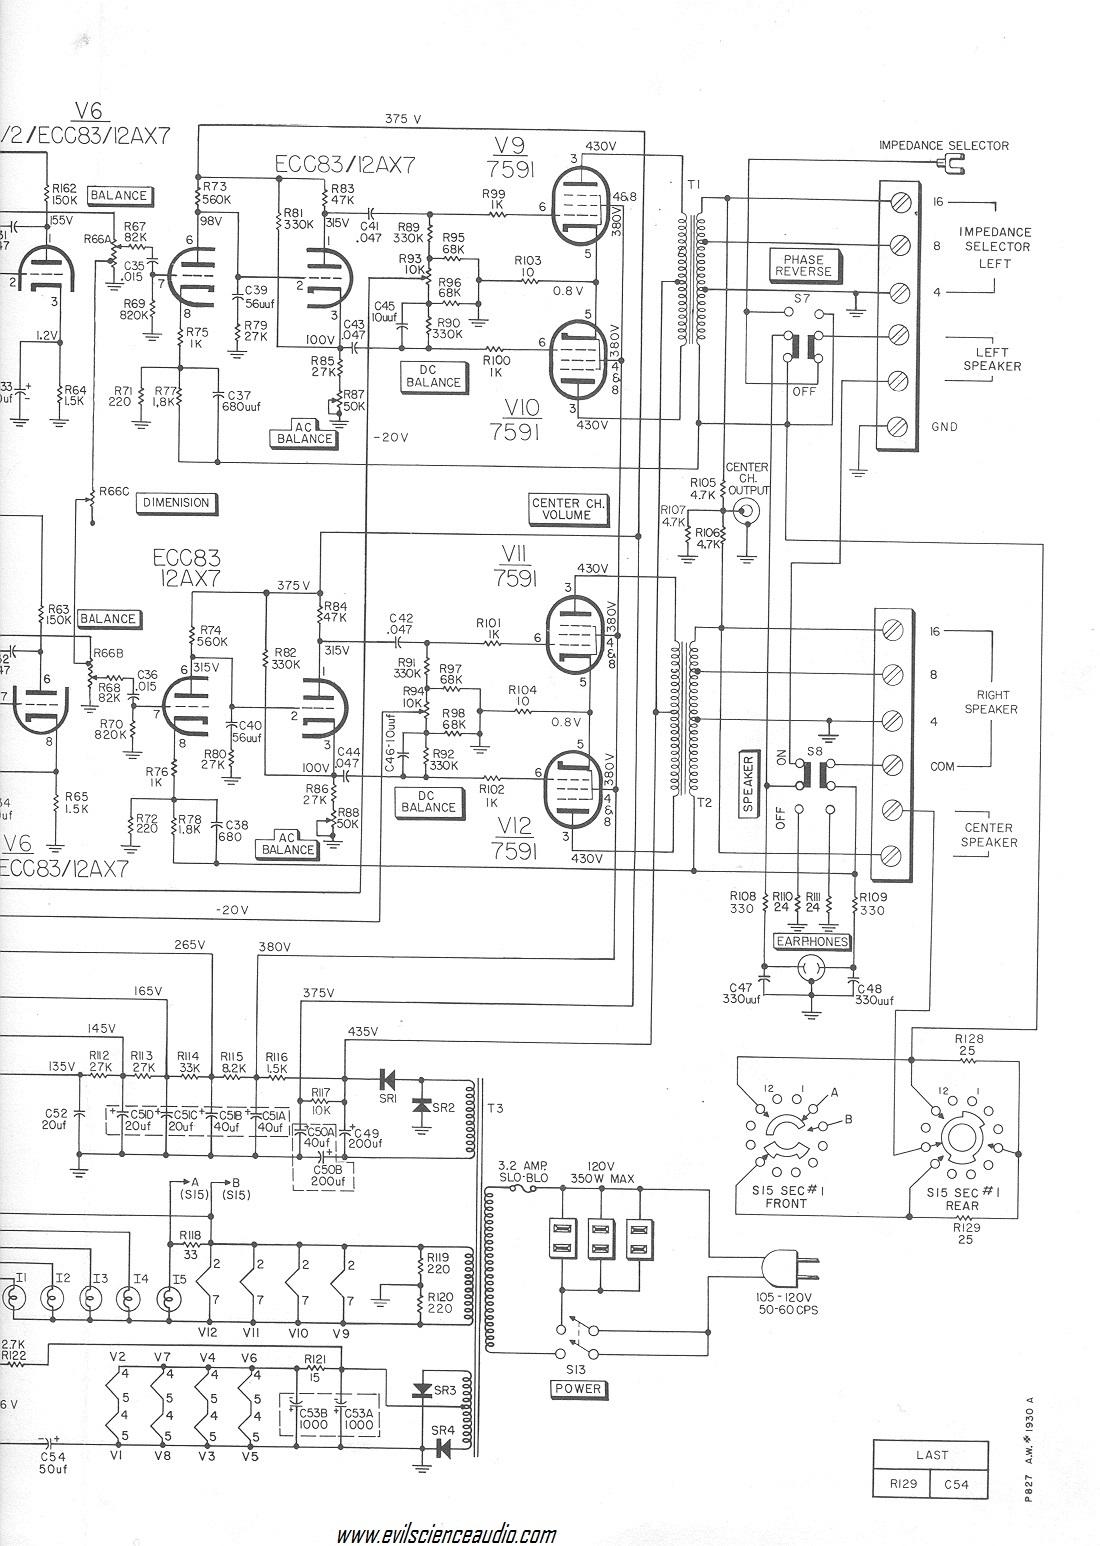 pics photos schematics circuit diagram